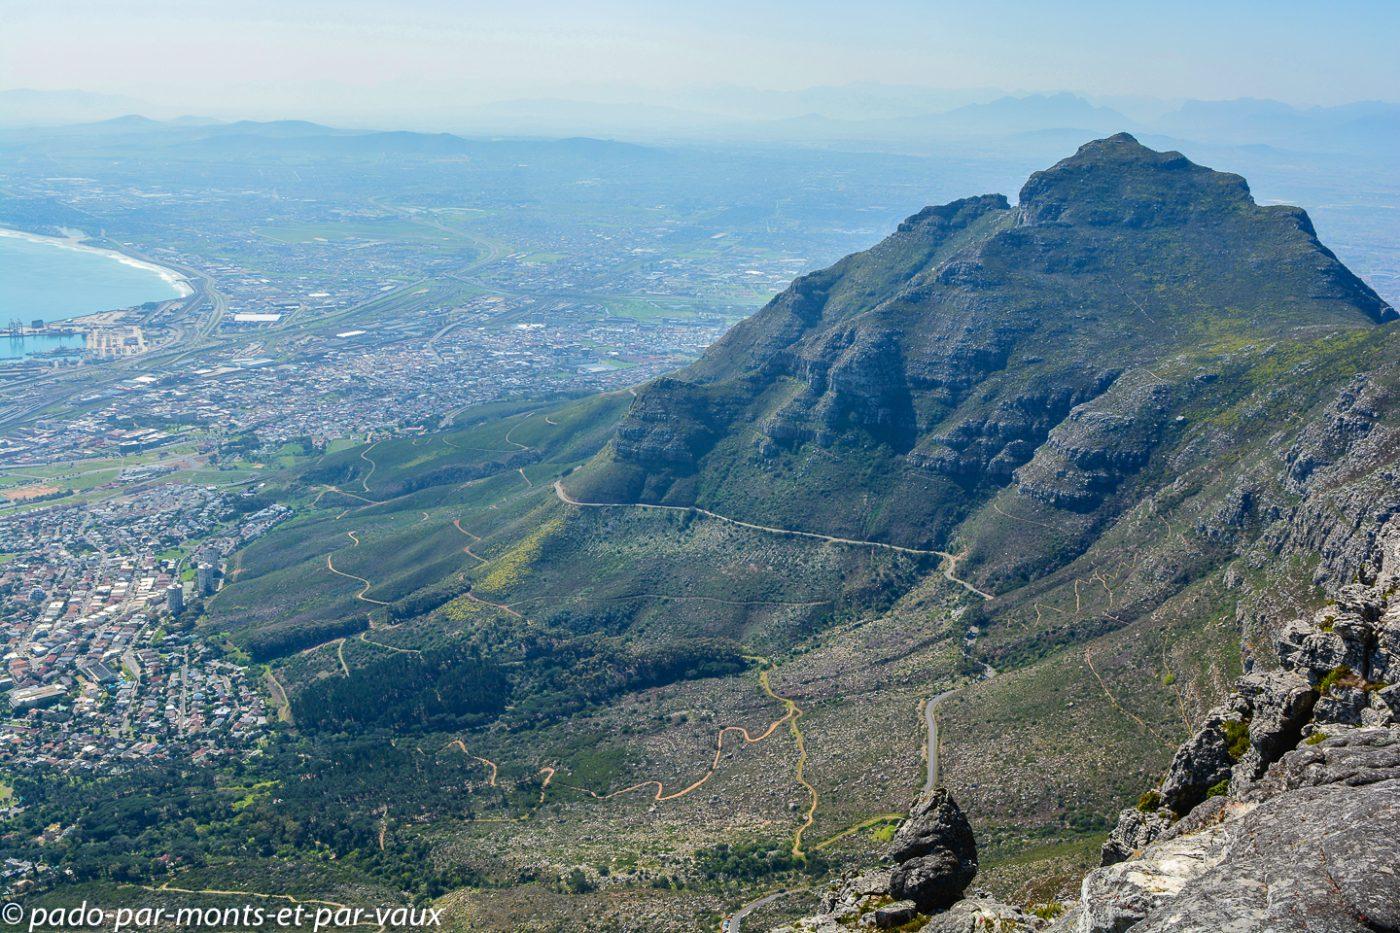 Le Cap - Table Mountain